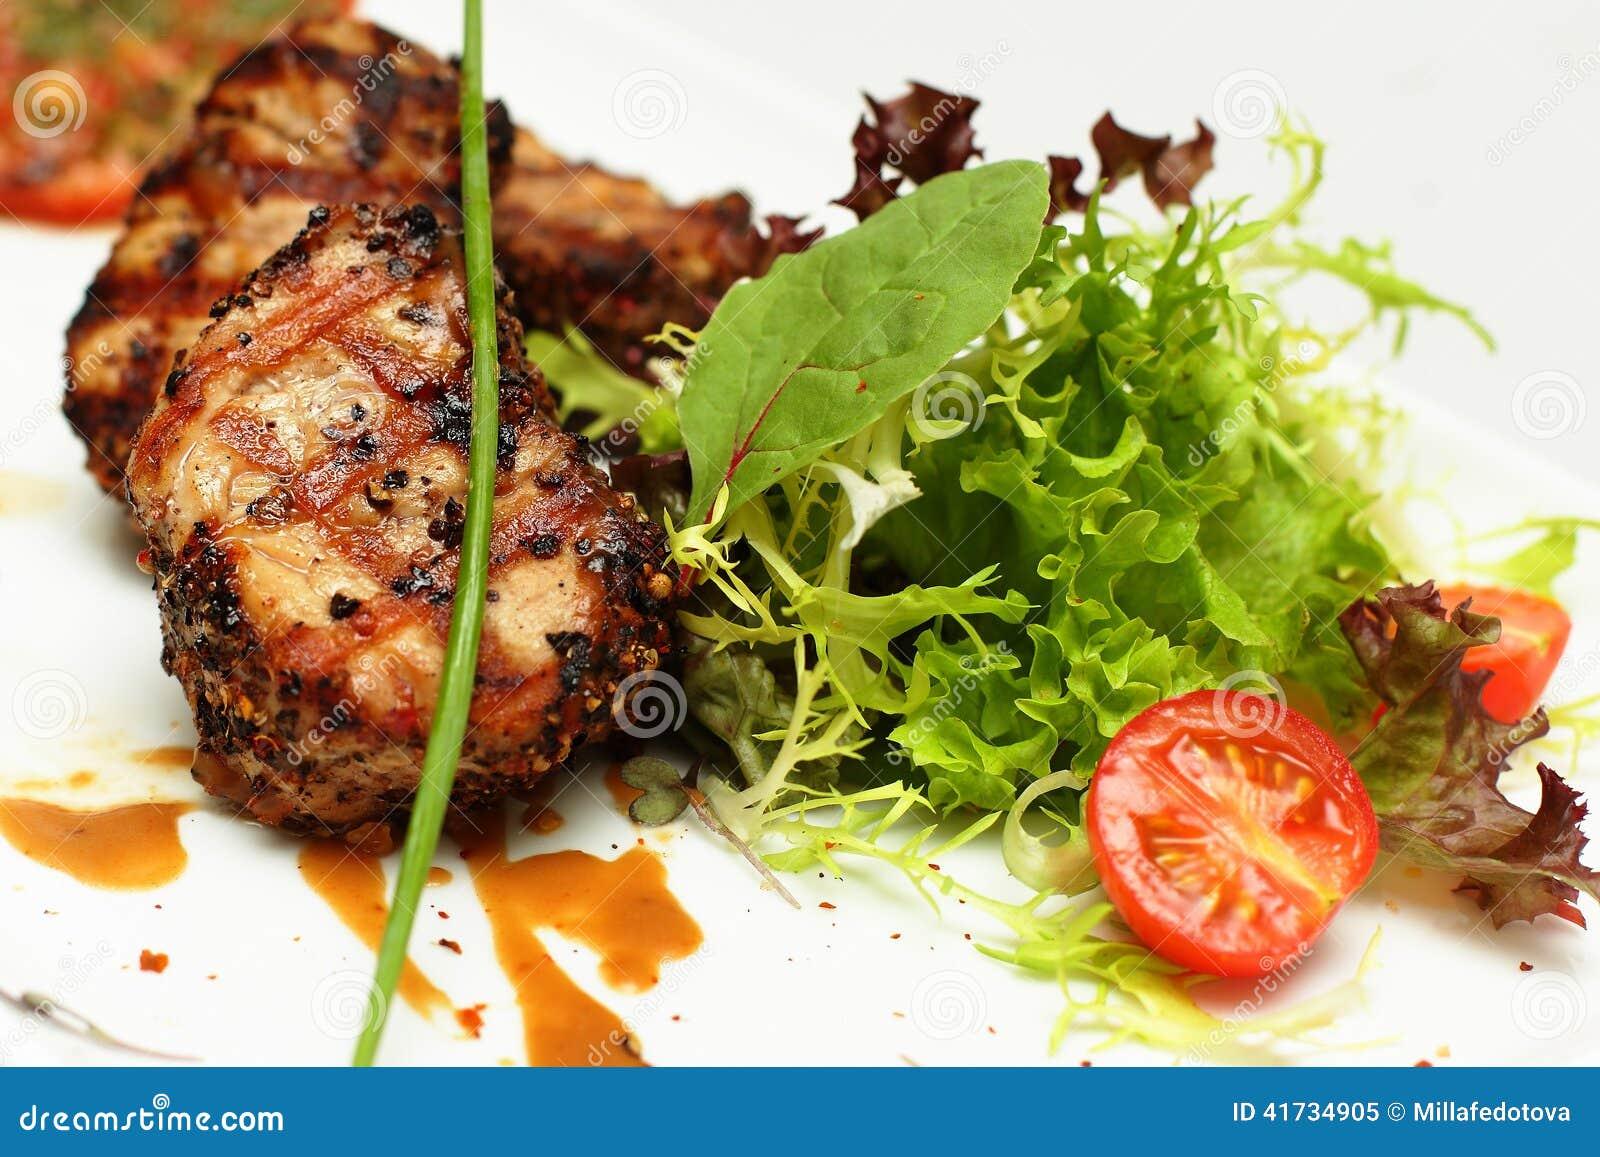 Plats gastronomiques viande de restaurant photo stock for Viande cuisinee